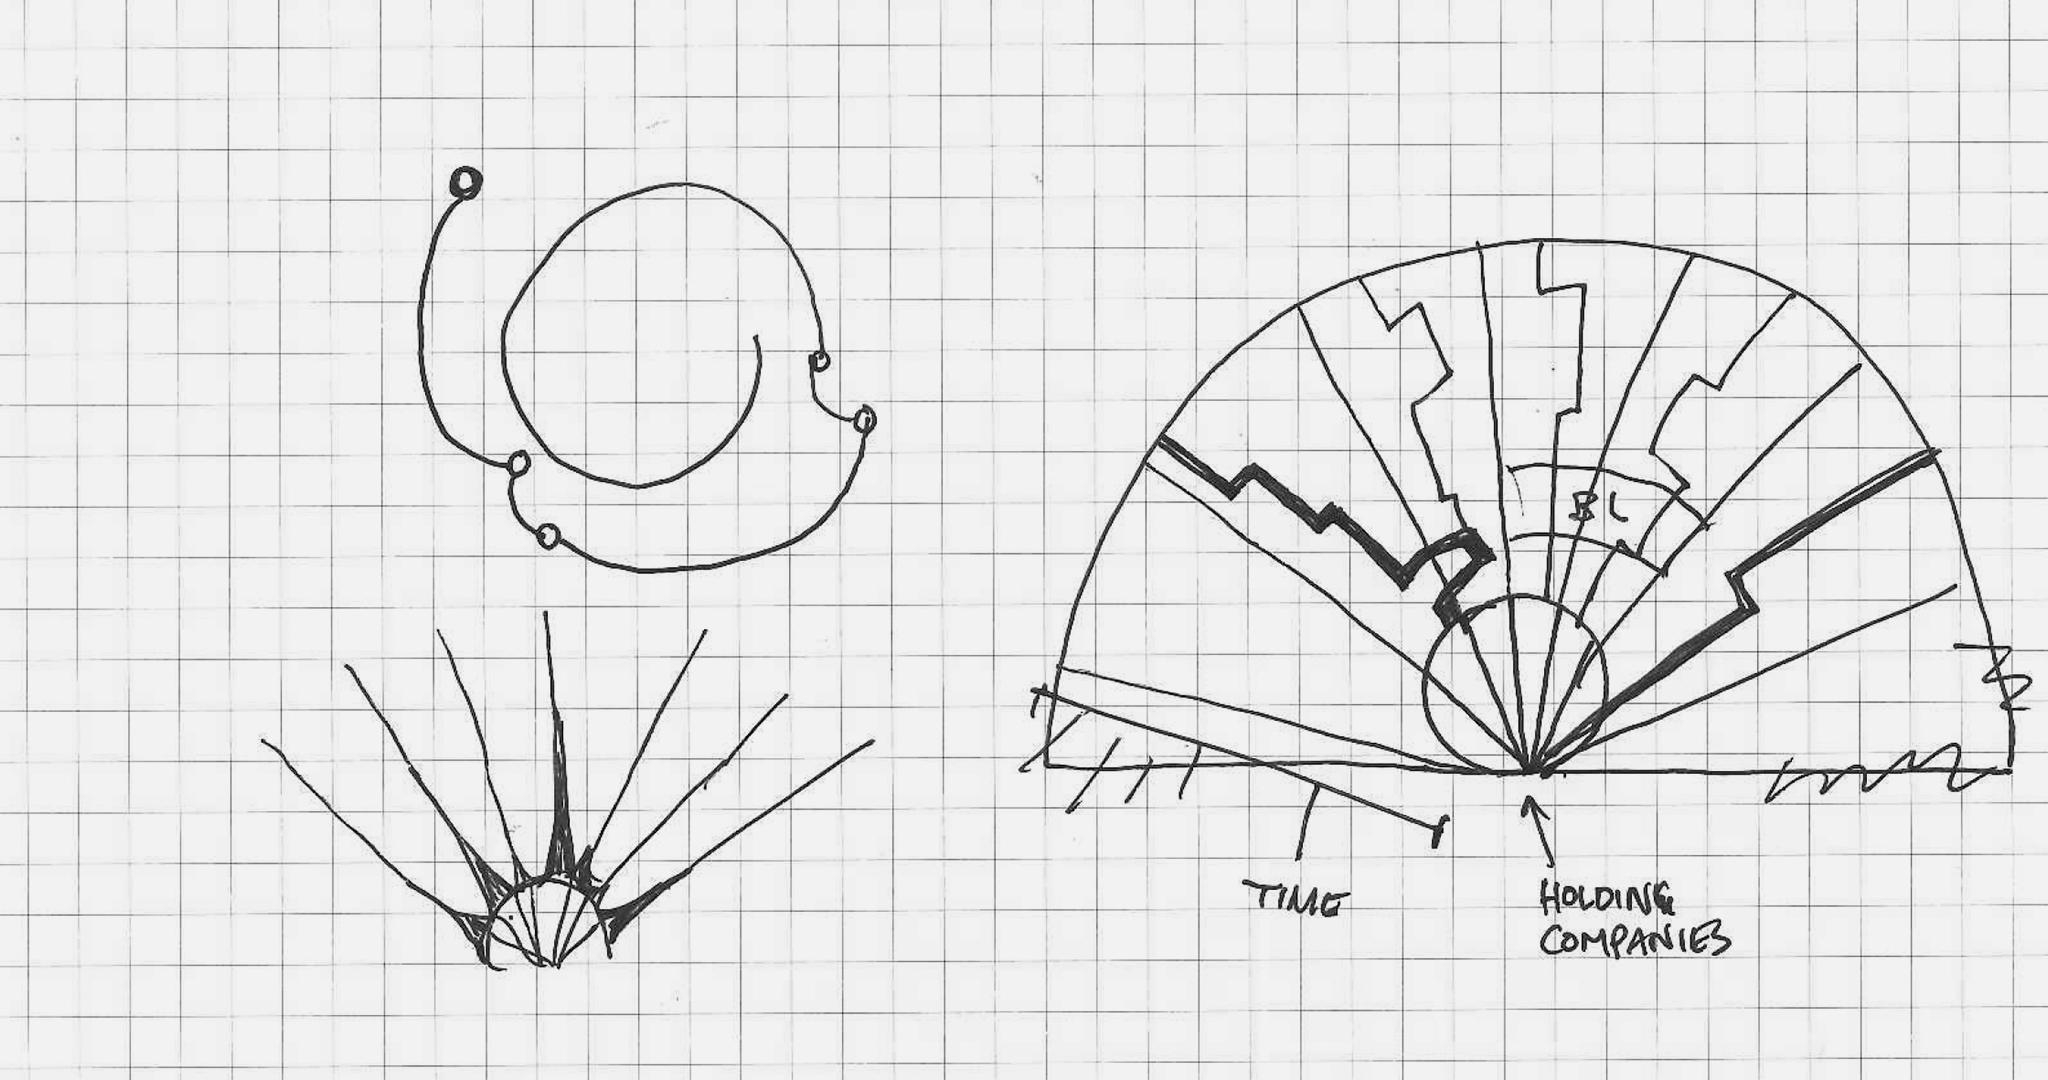 TC_Exotic-Car-Marques-Sketches-4